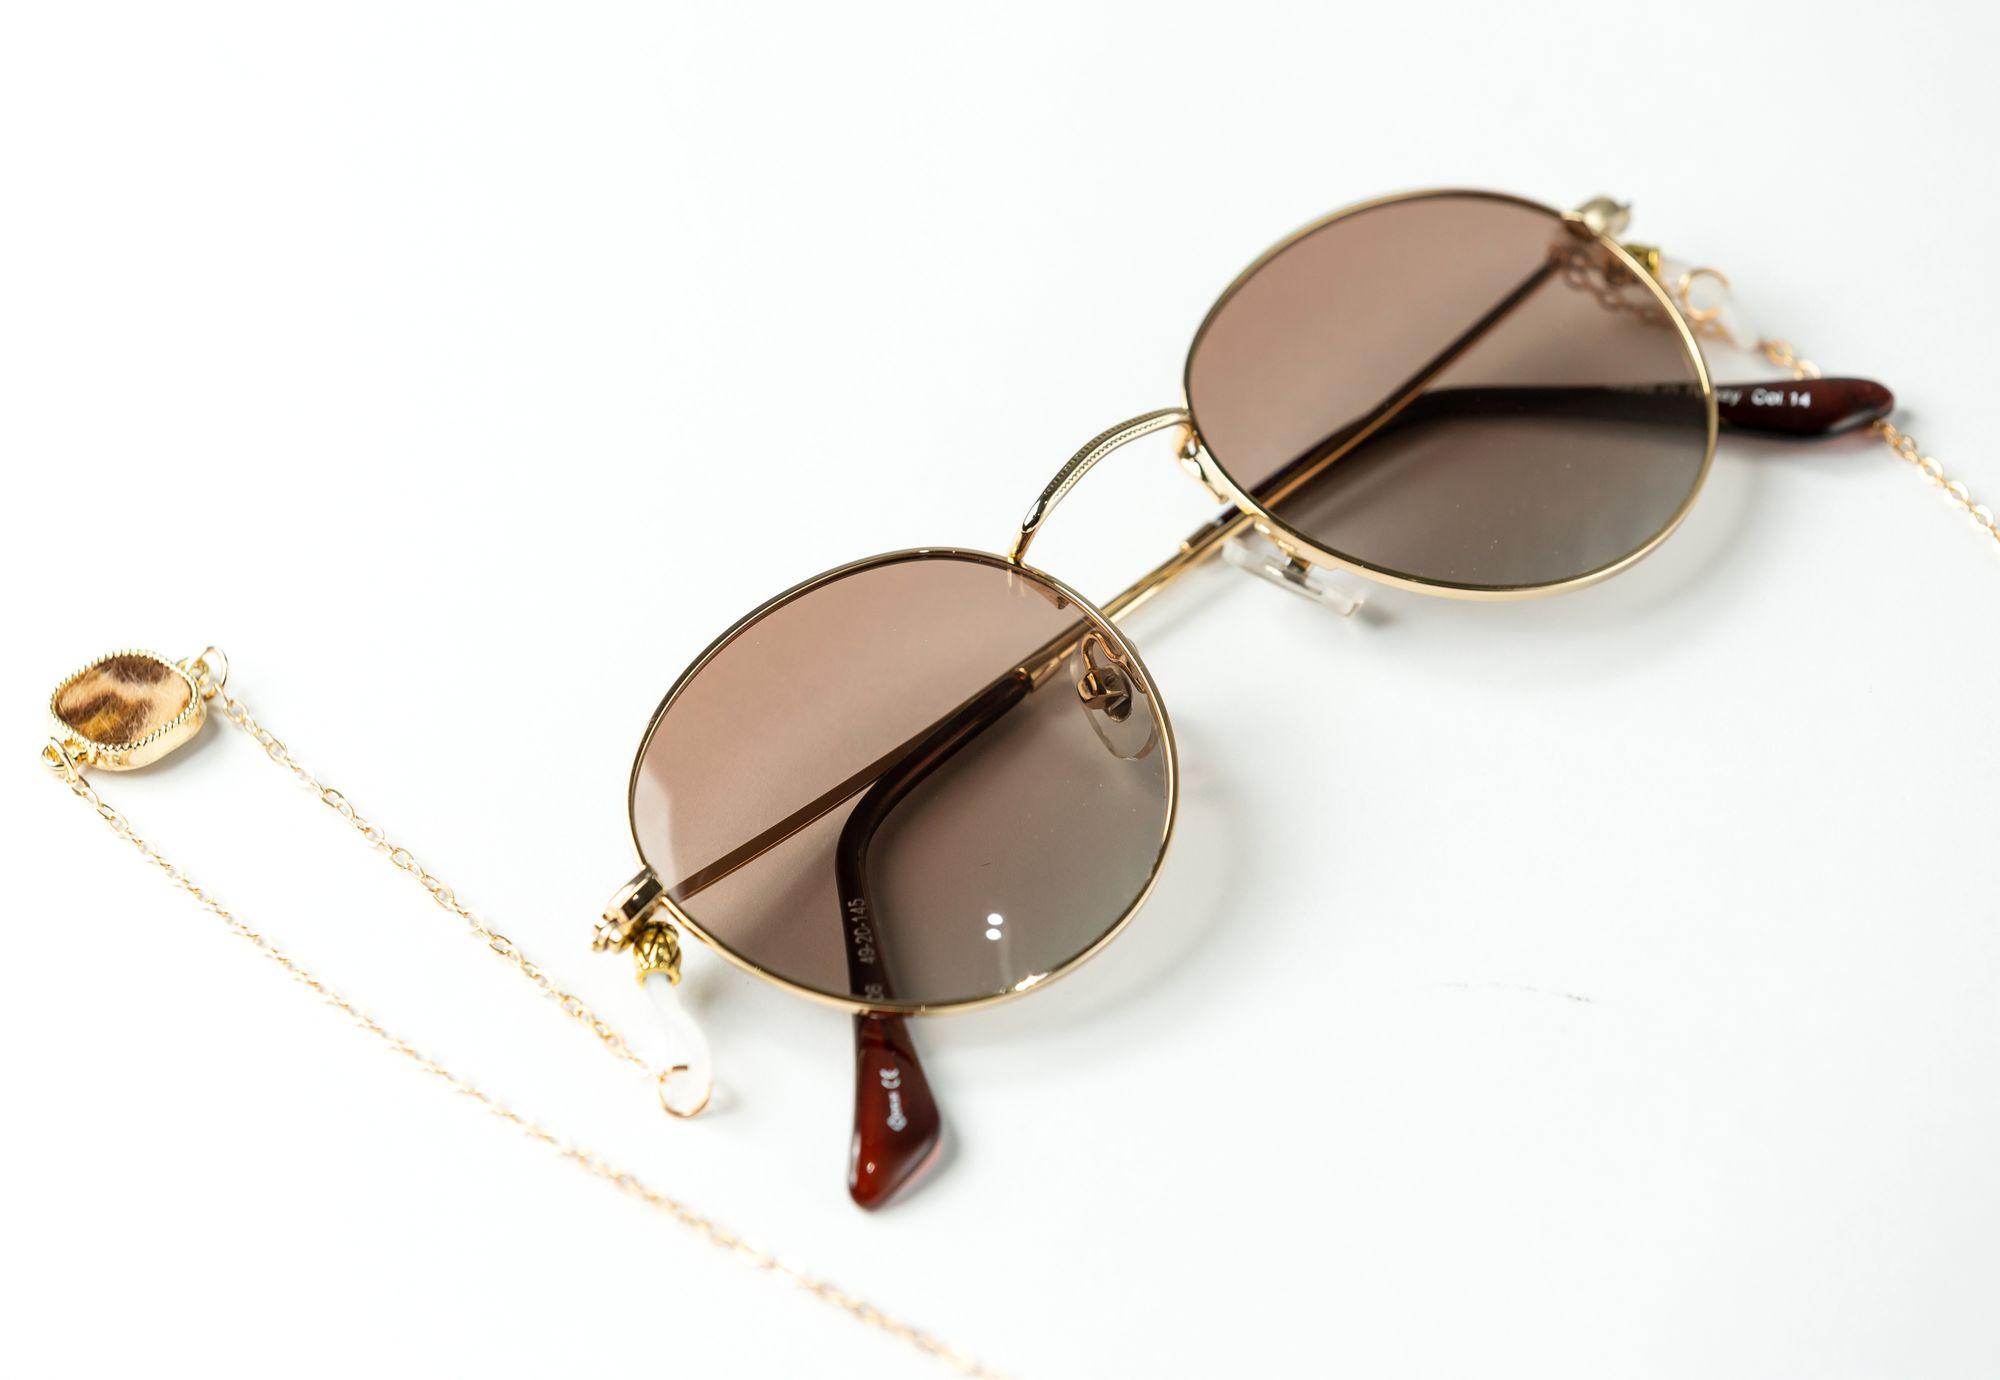 chaine de lunettes de soleil style aviateur avec chaine en or - blog.troov.com